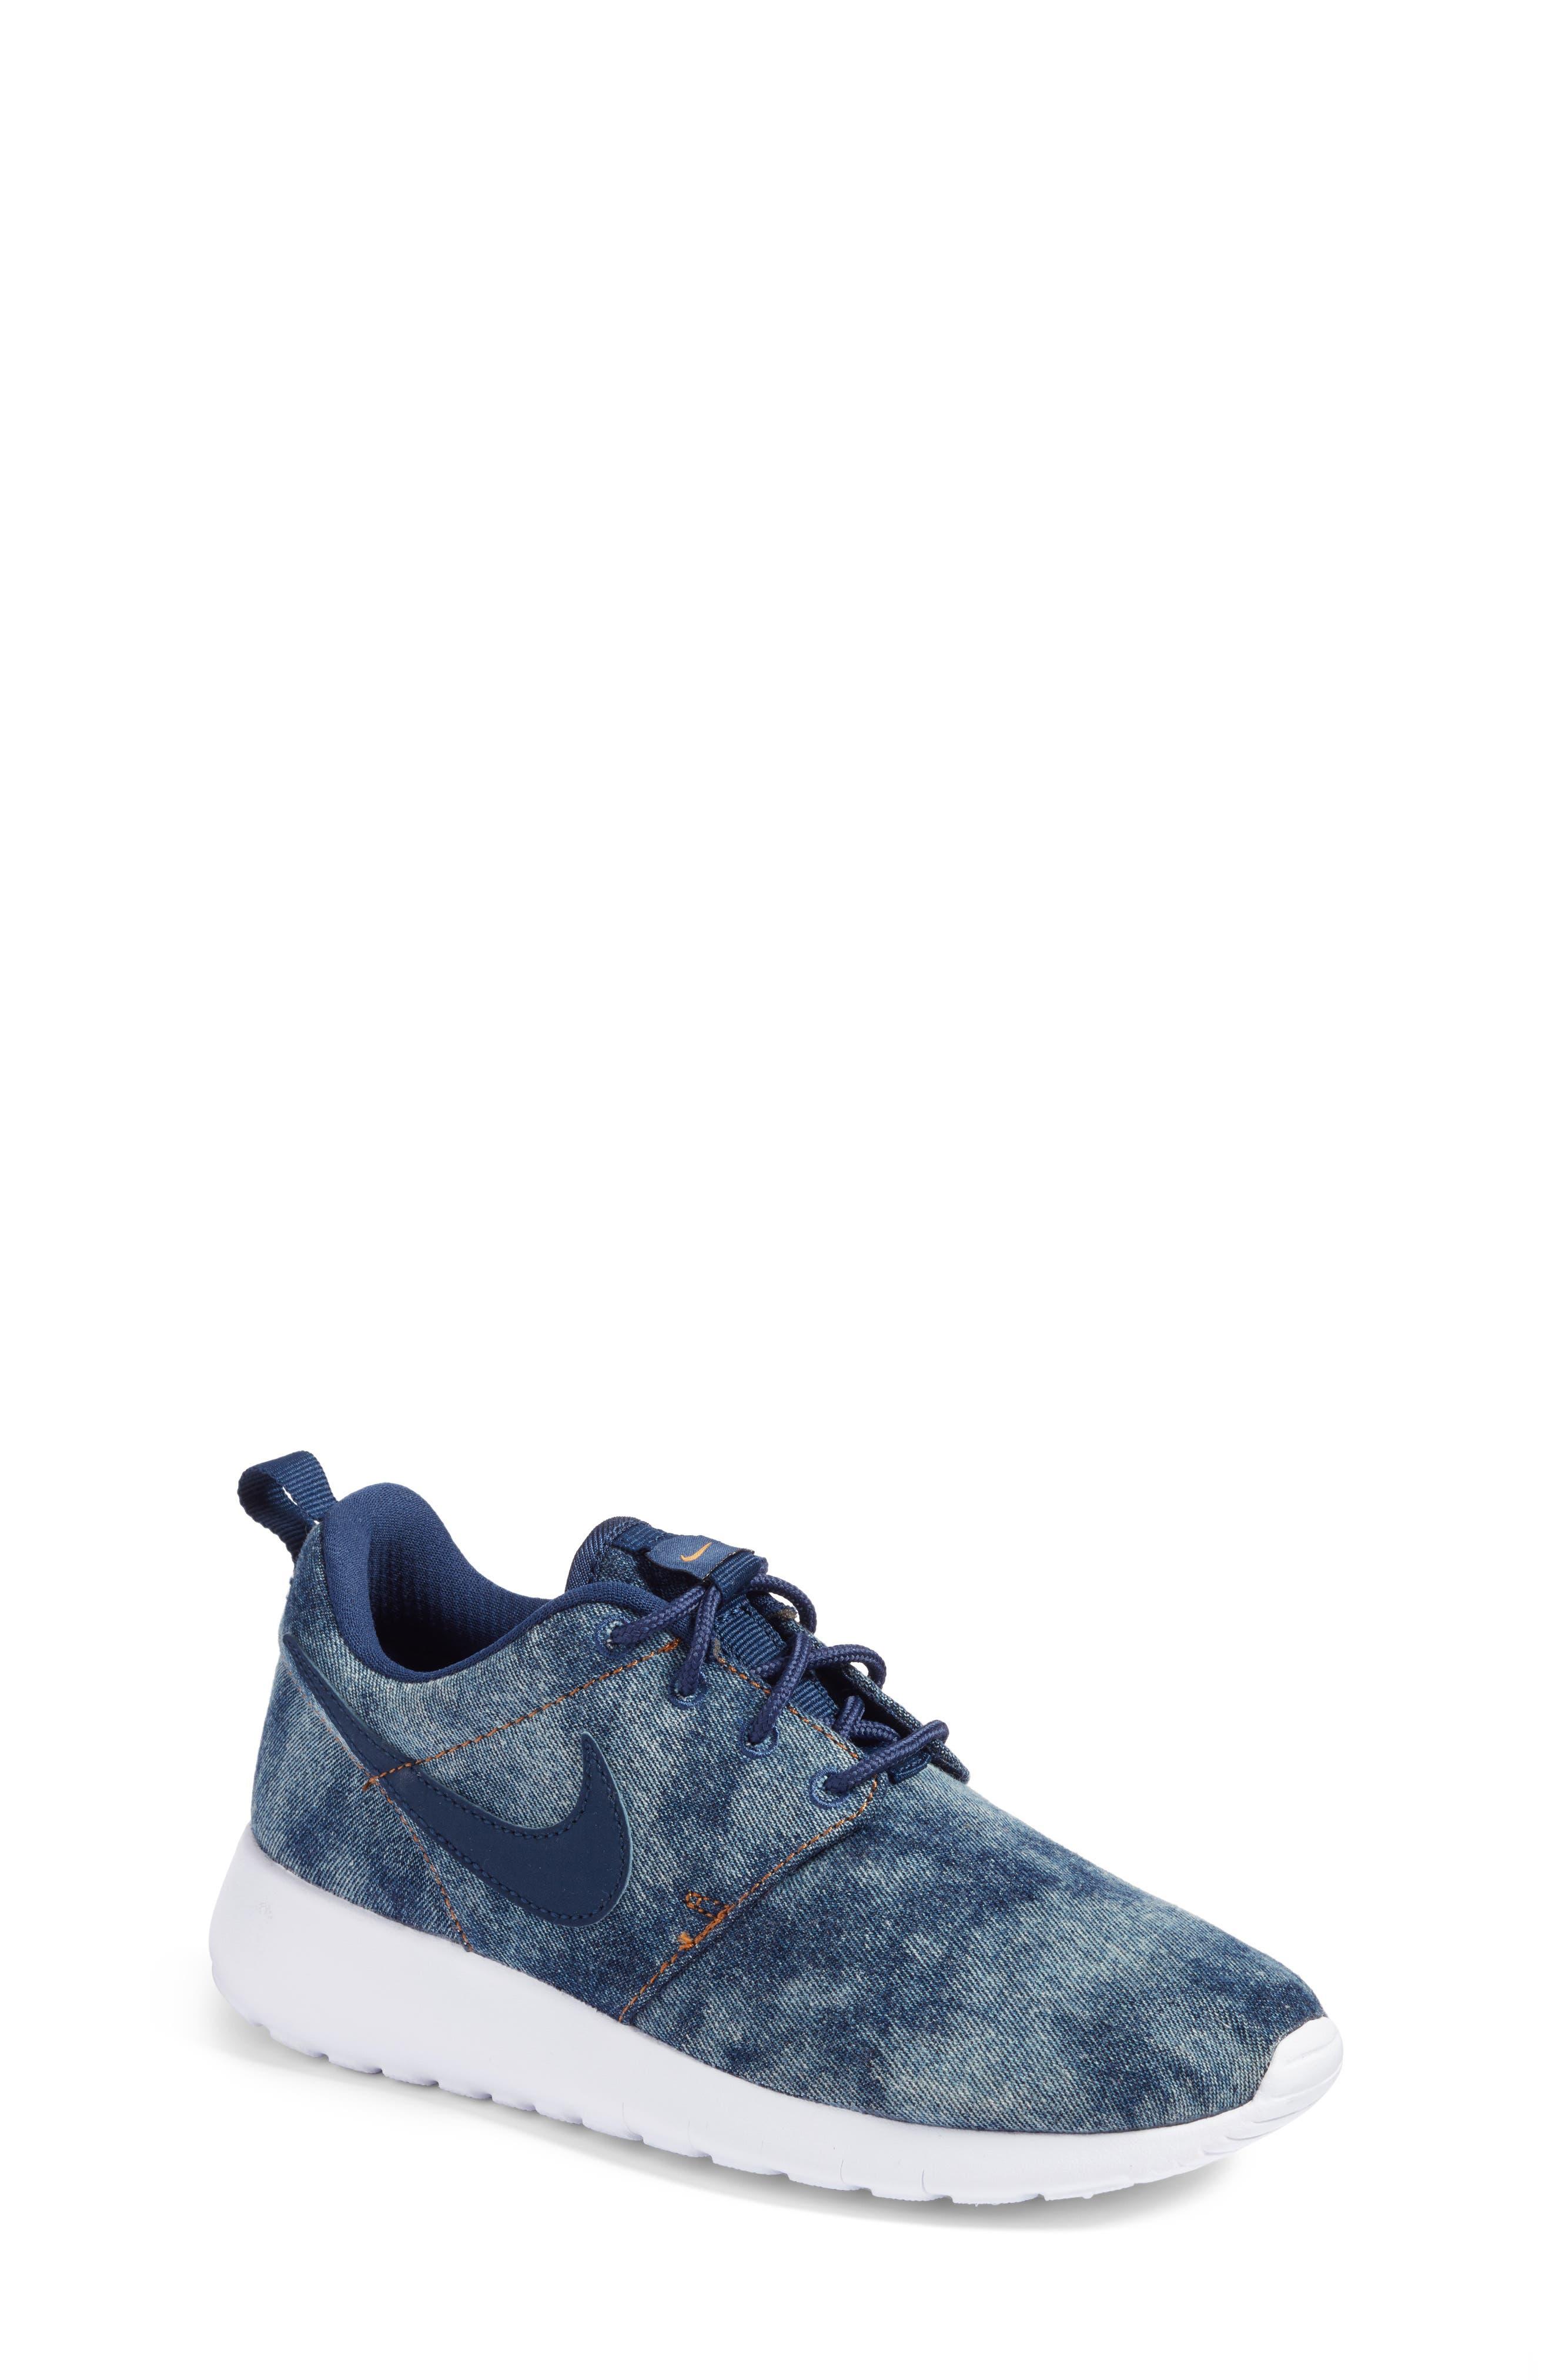 Roshe One SE Sneaker,                             Main thumbnail 1, color,                             400